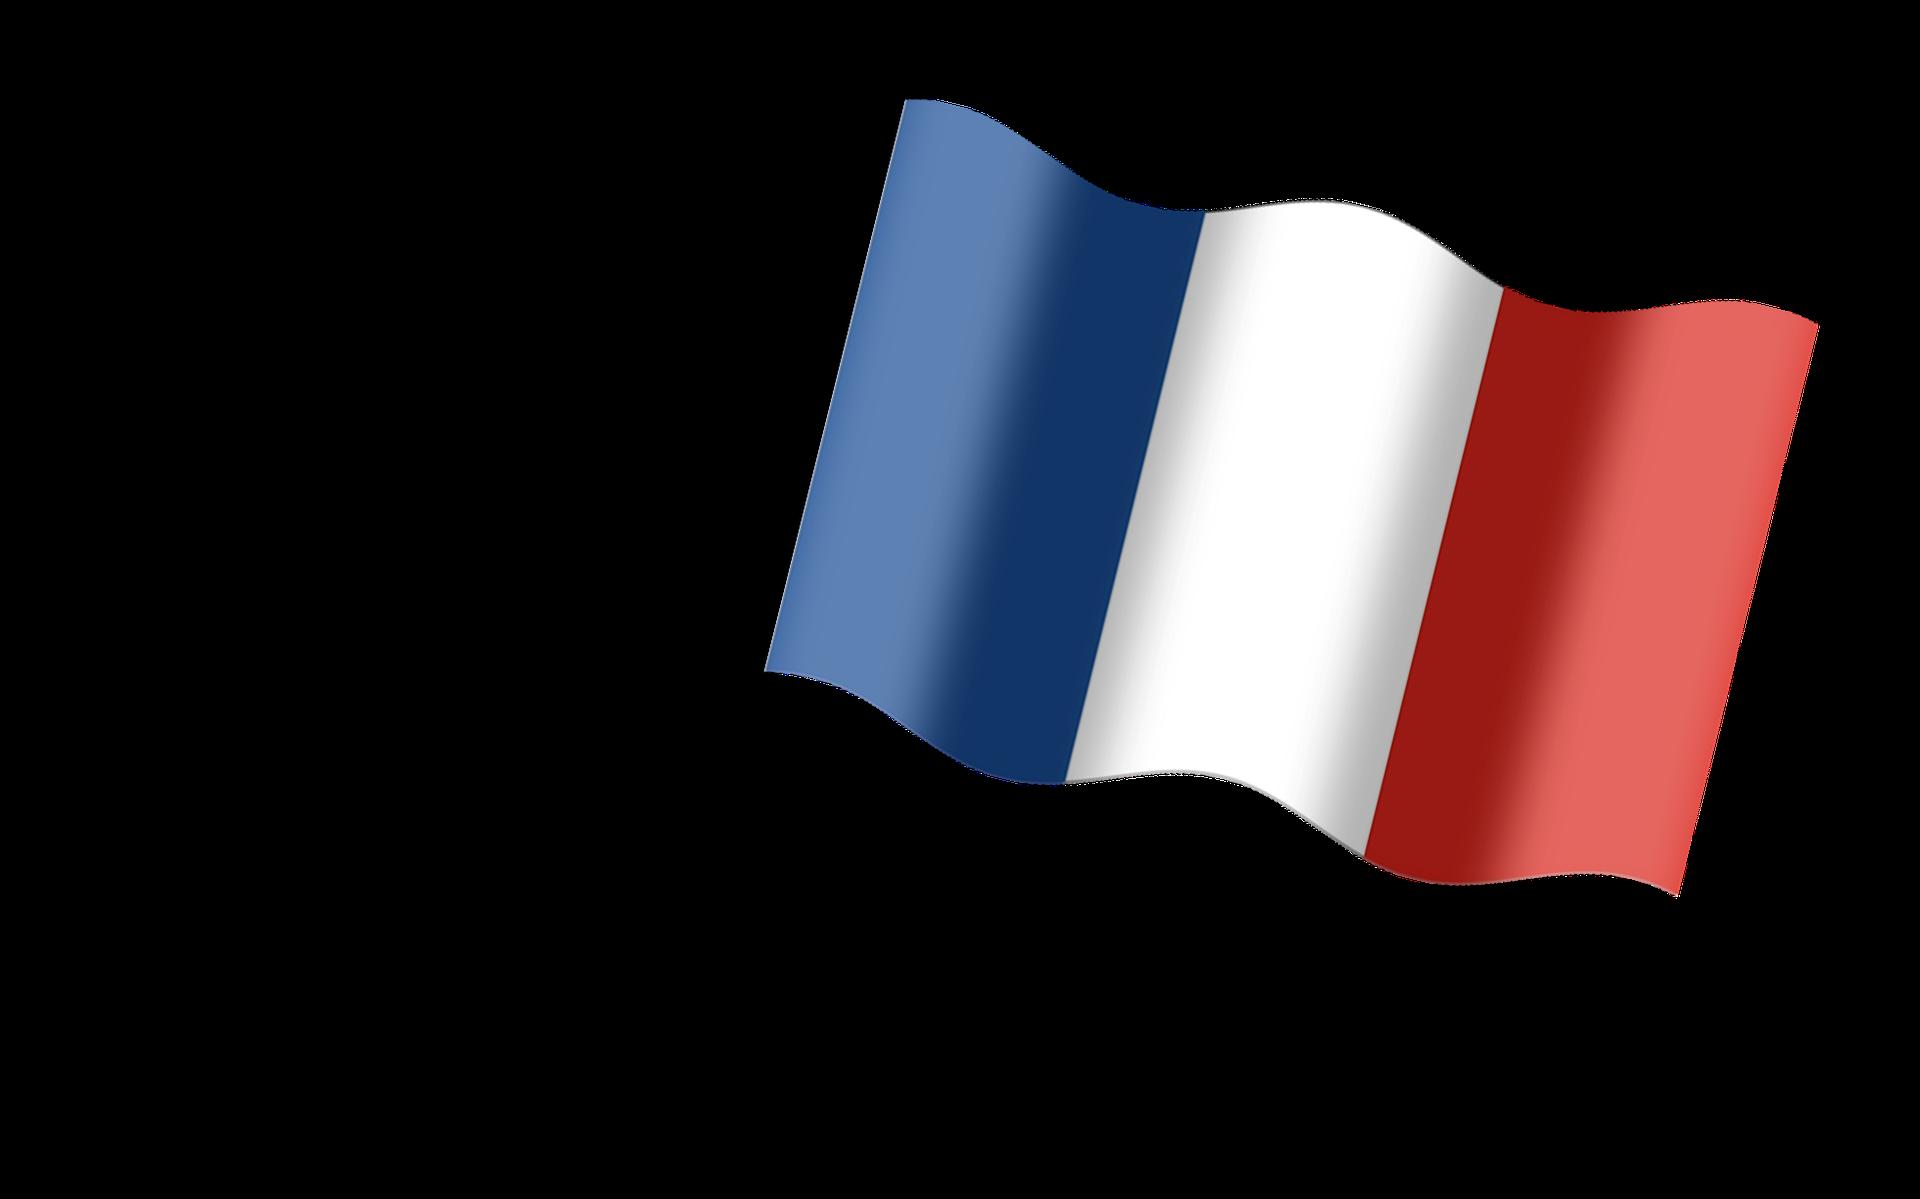 La France figure parmi les trois pays les plus attractifs pour les acheteurs internationaux